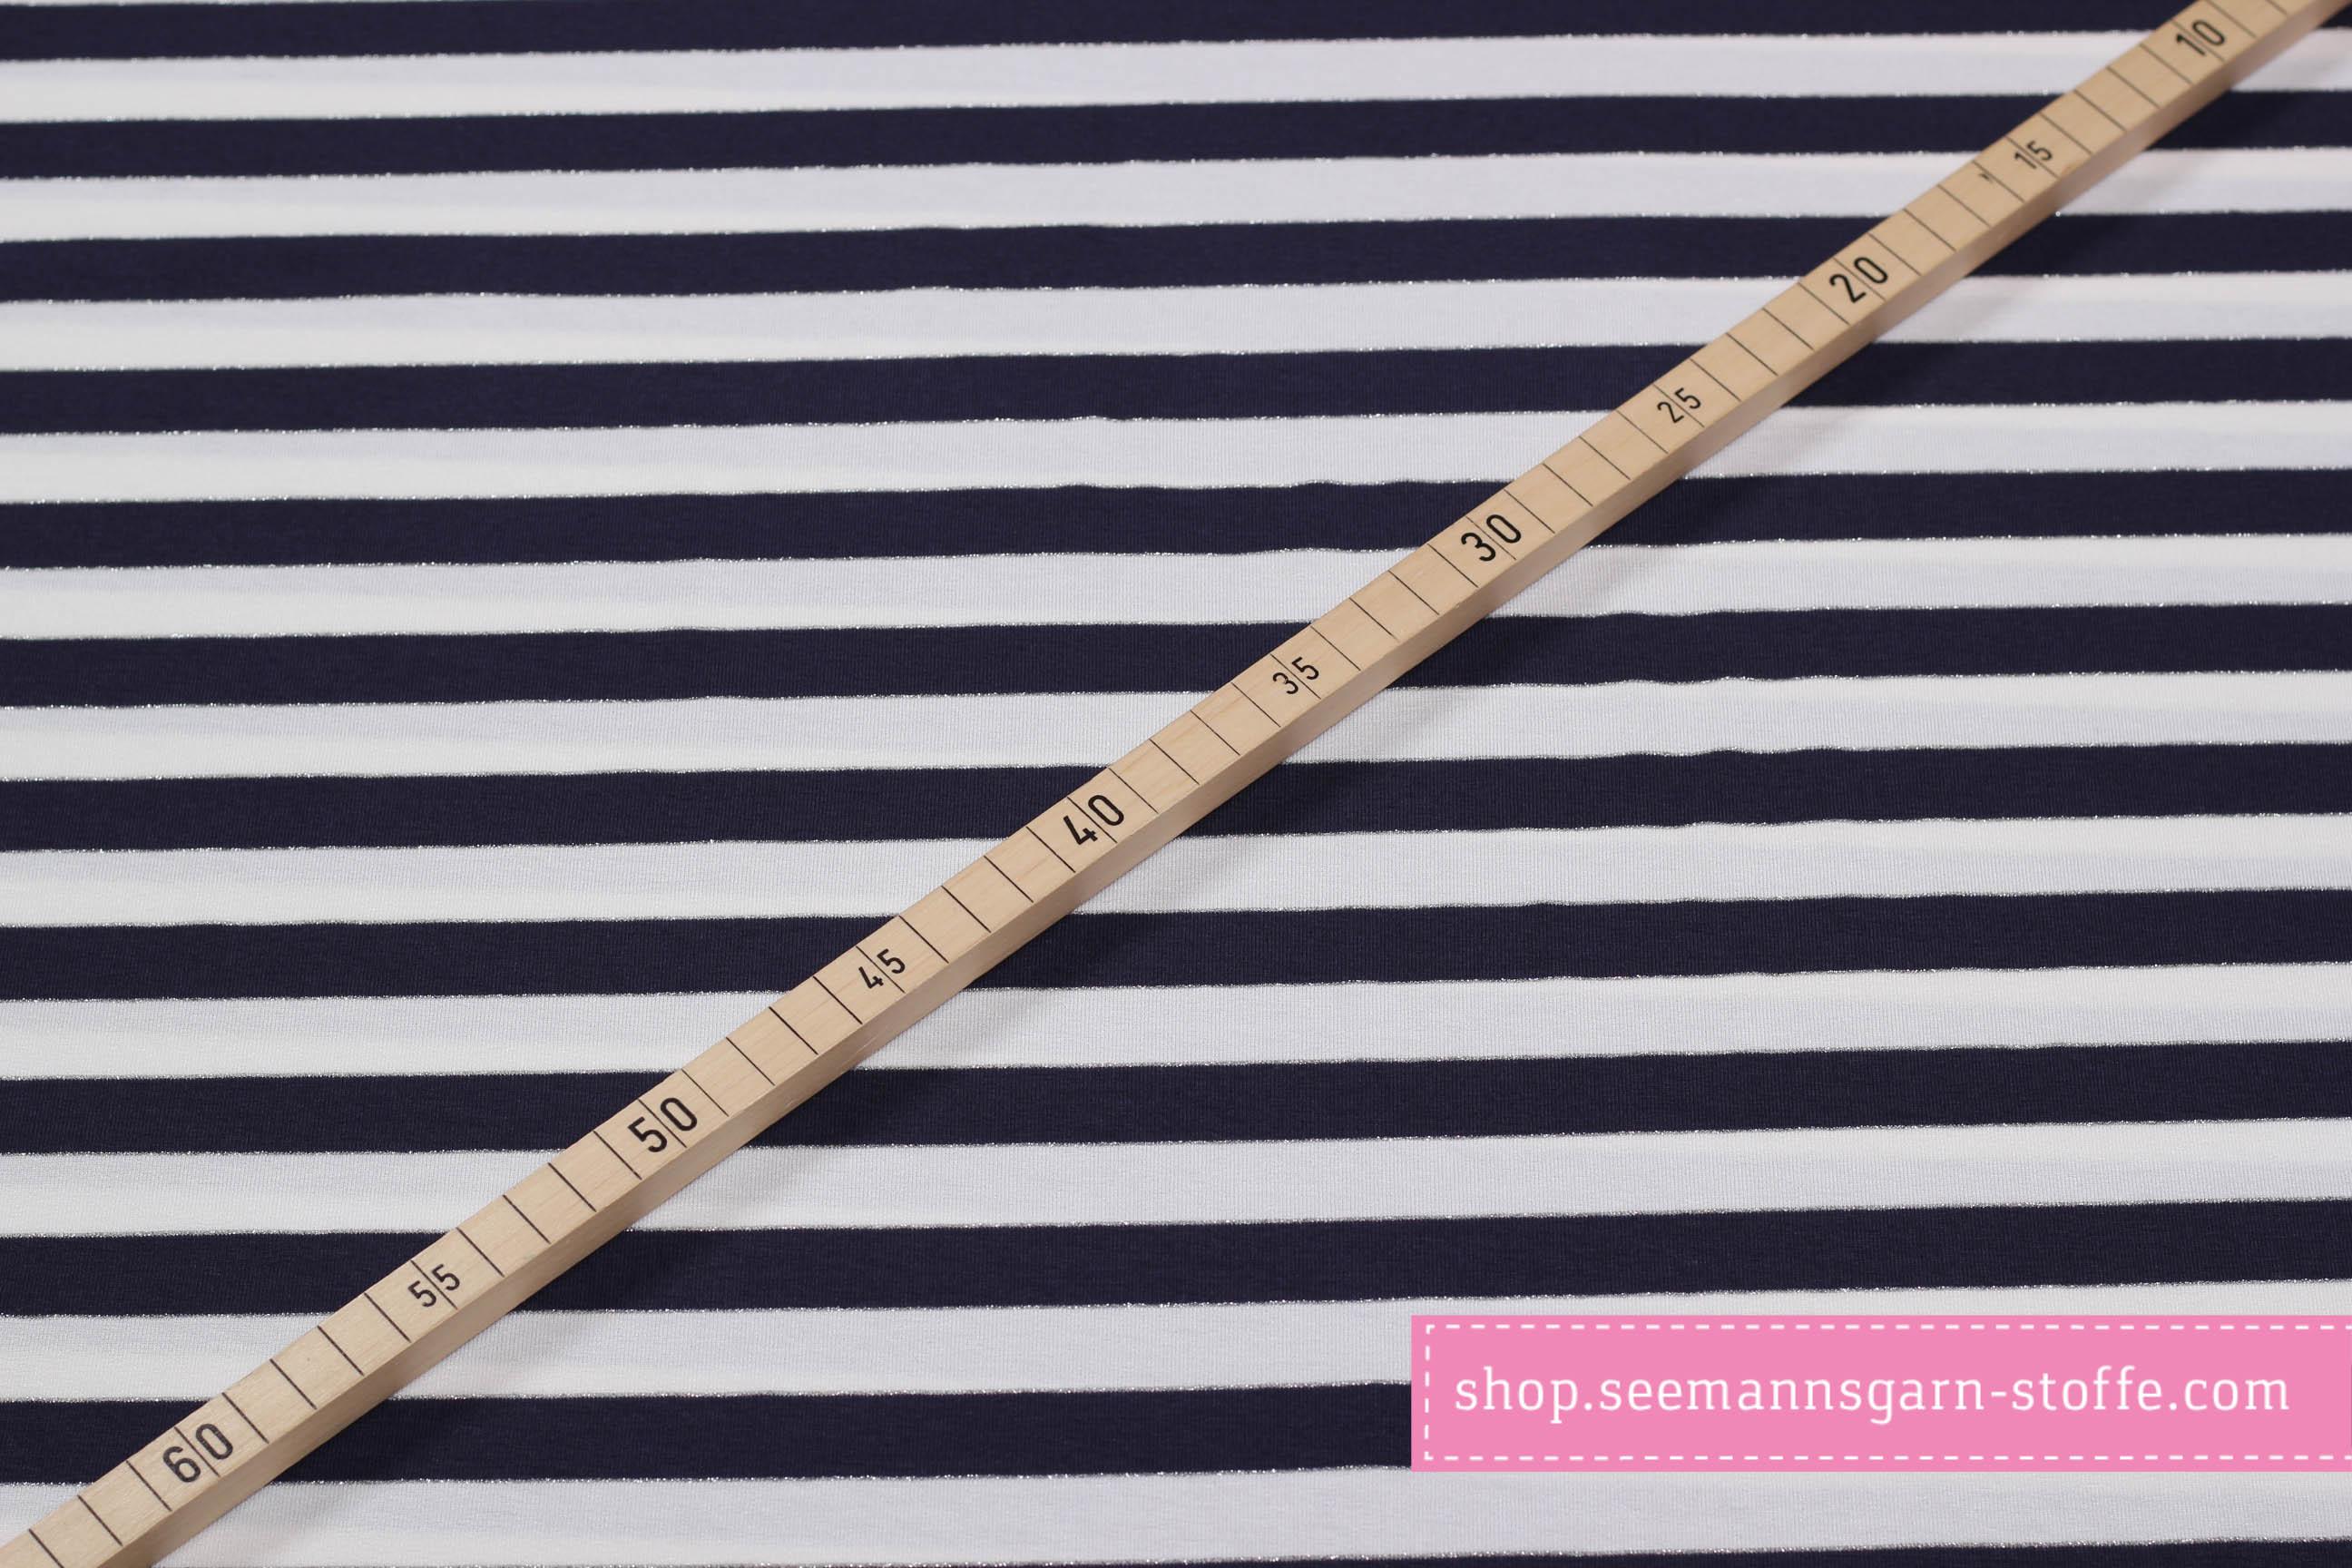 Viskose Stretch Jersey - Streifen schwarz/weiß